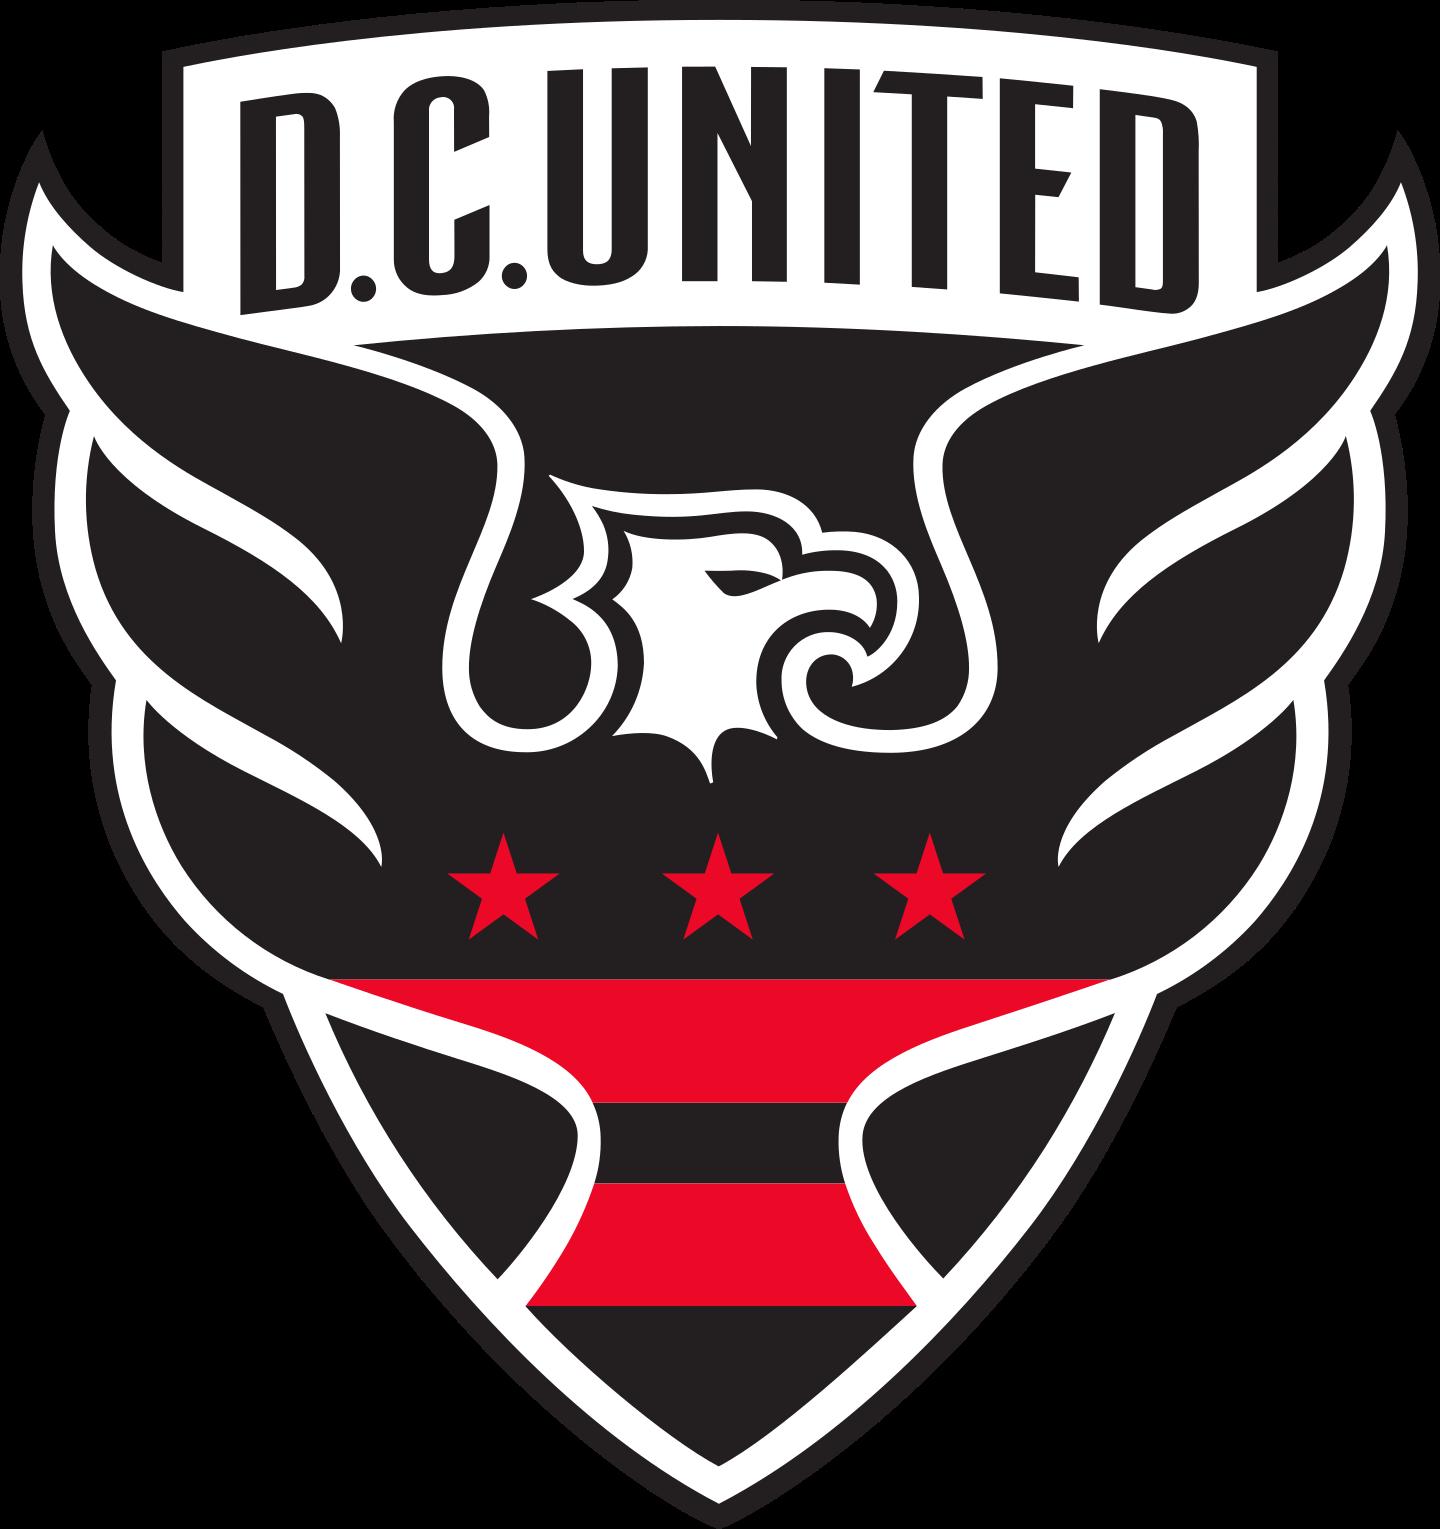 dc united logo 2 - D.C. United Logo